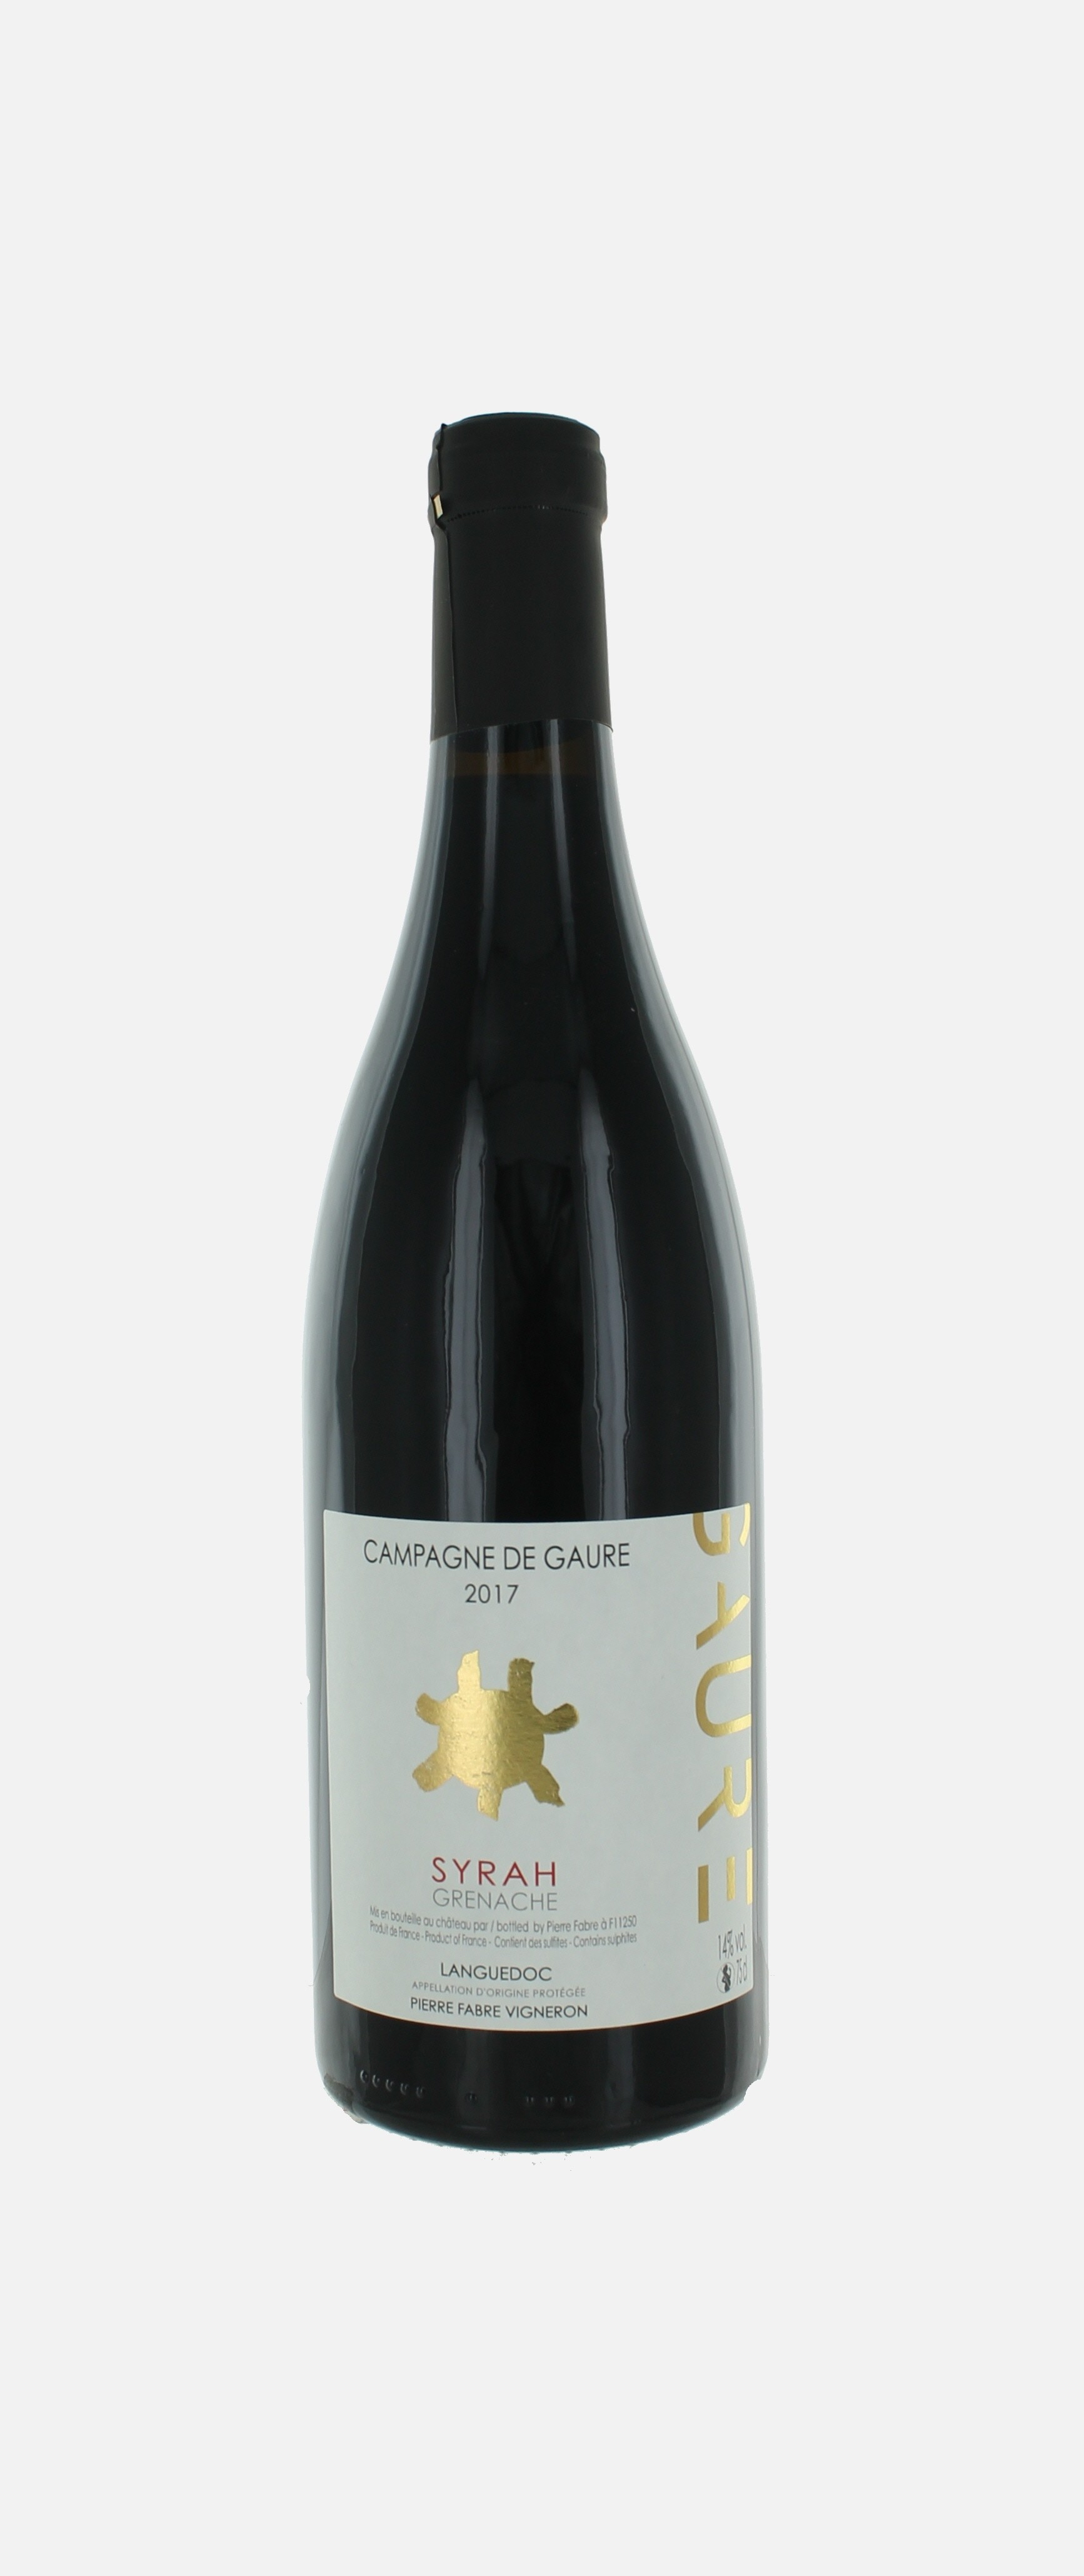 Campagne de Gaure, AOP Languedoc, De Gaure